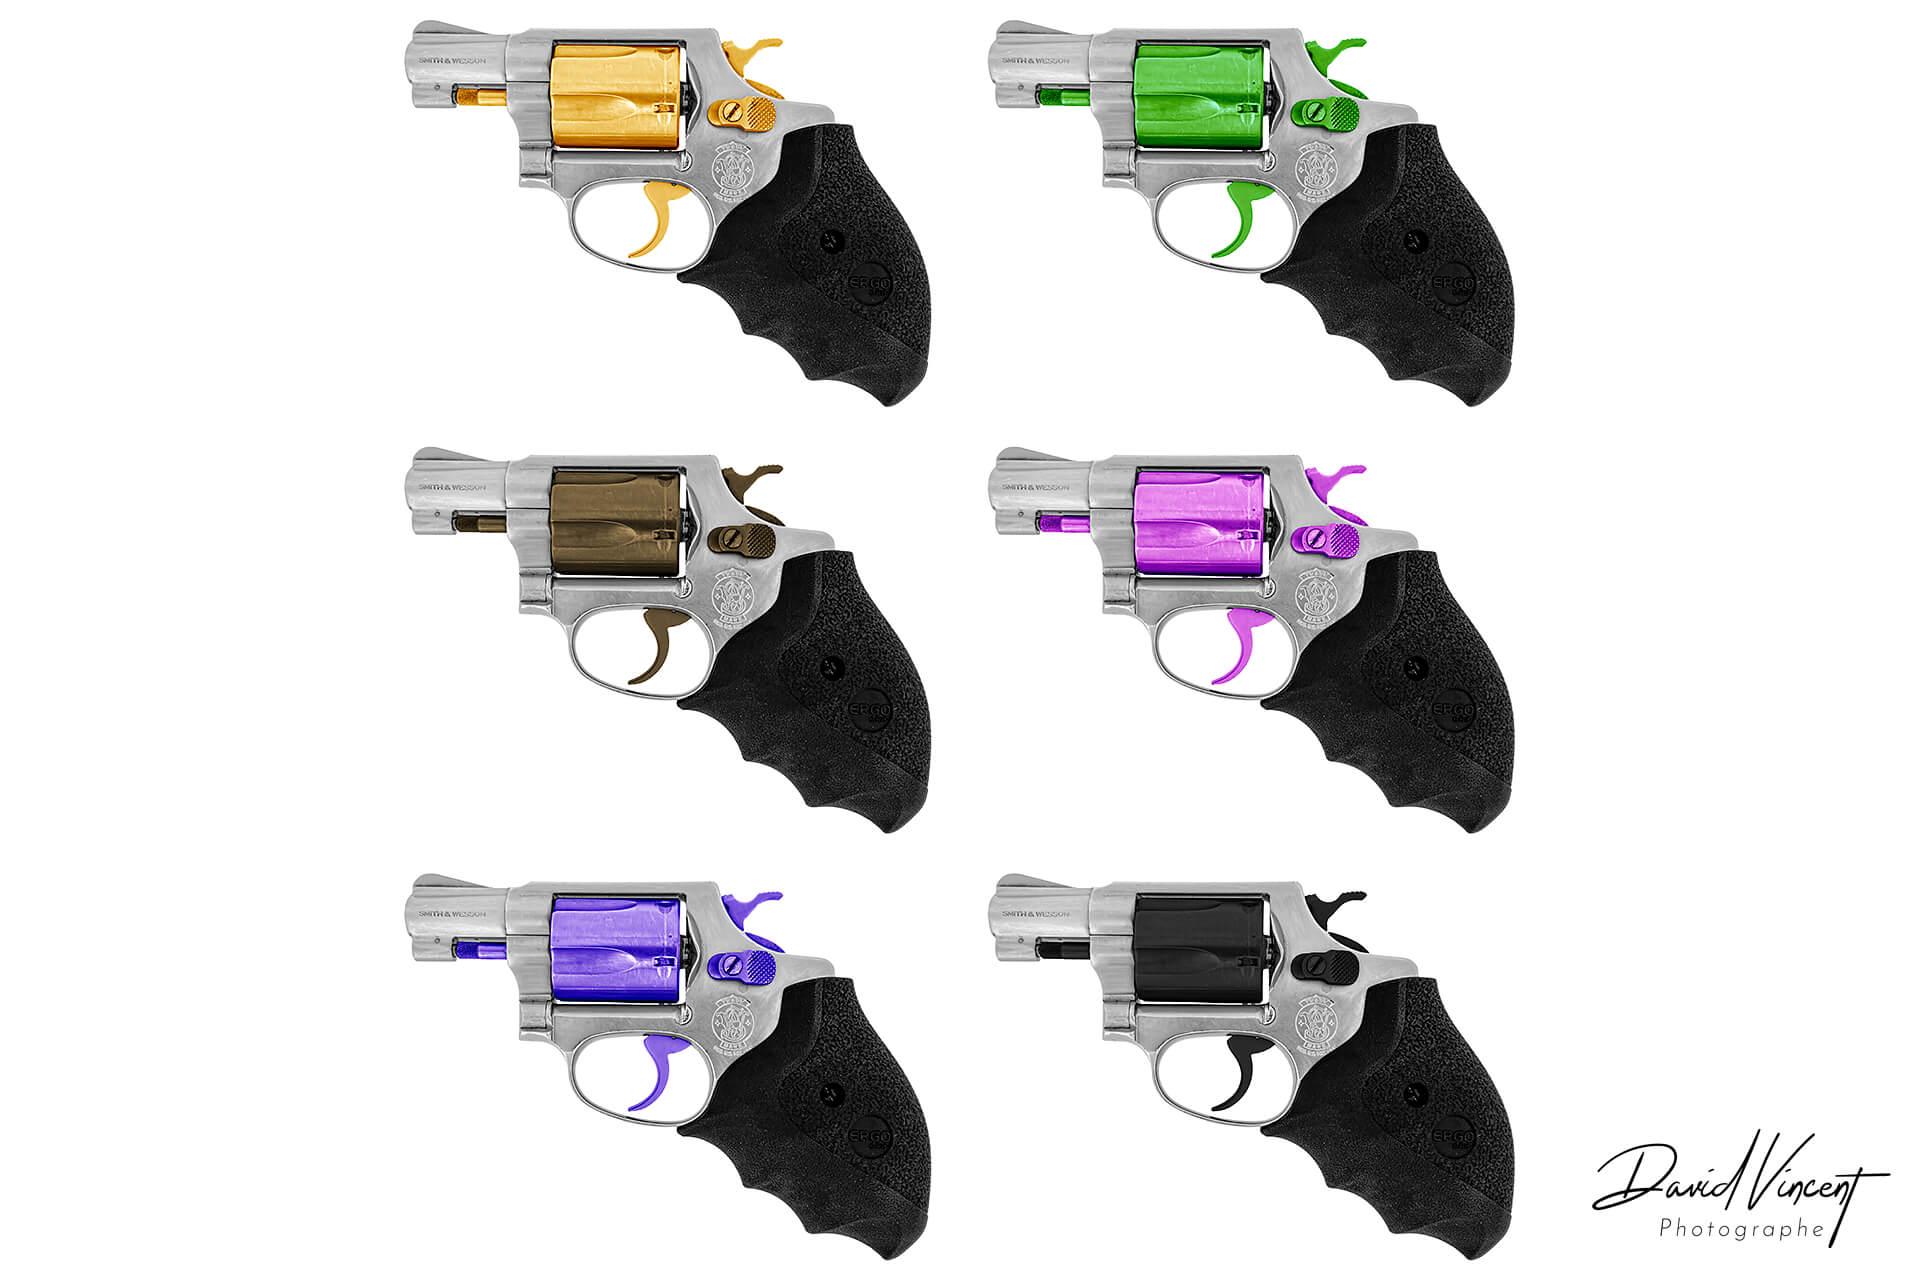 S&W 60 colors - Photographe d'armes à feu